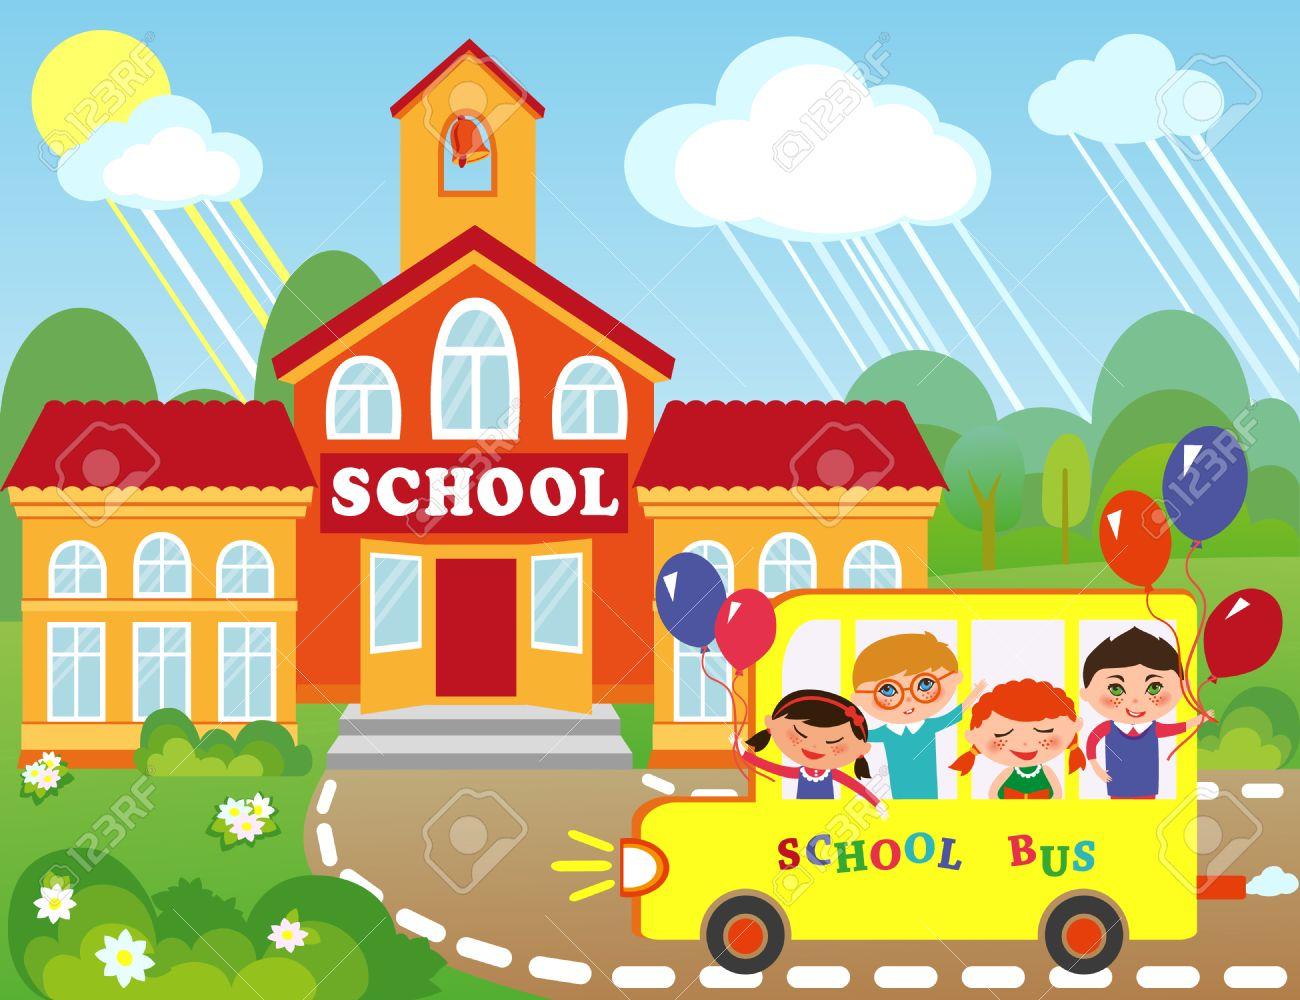 Ilustración Del Edificio De La Escuela De Dibujos Animados Los Niños Van A La Escuela En Autobús